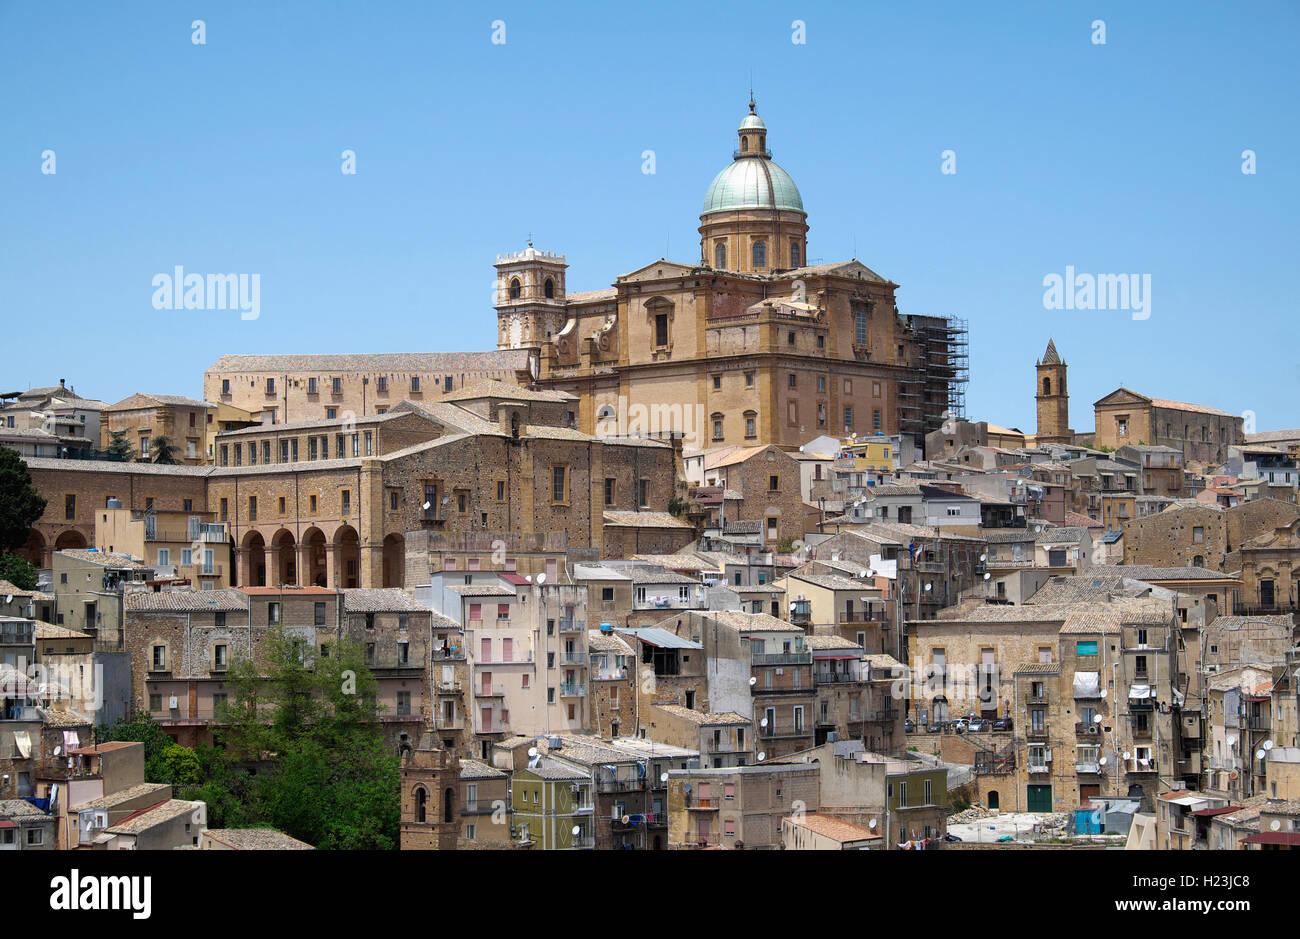 Cathédrale et centre historique de Piazza Armerina, Sicile, Italie Photo Stock